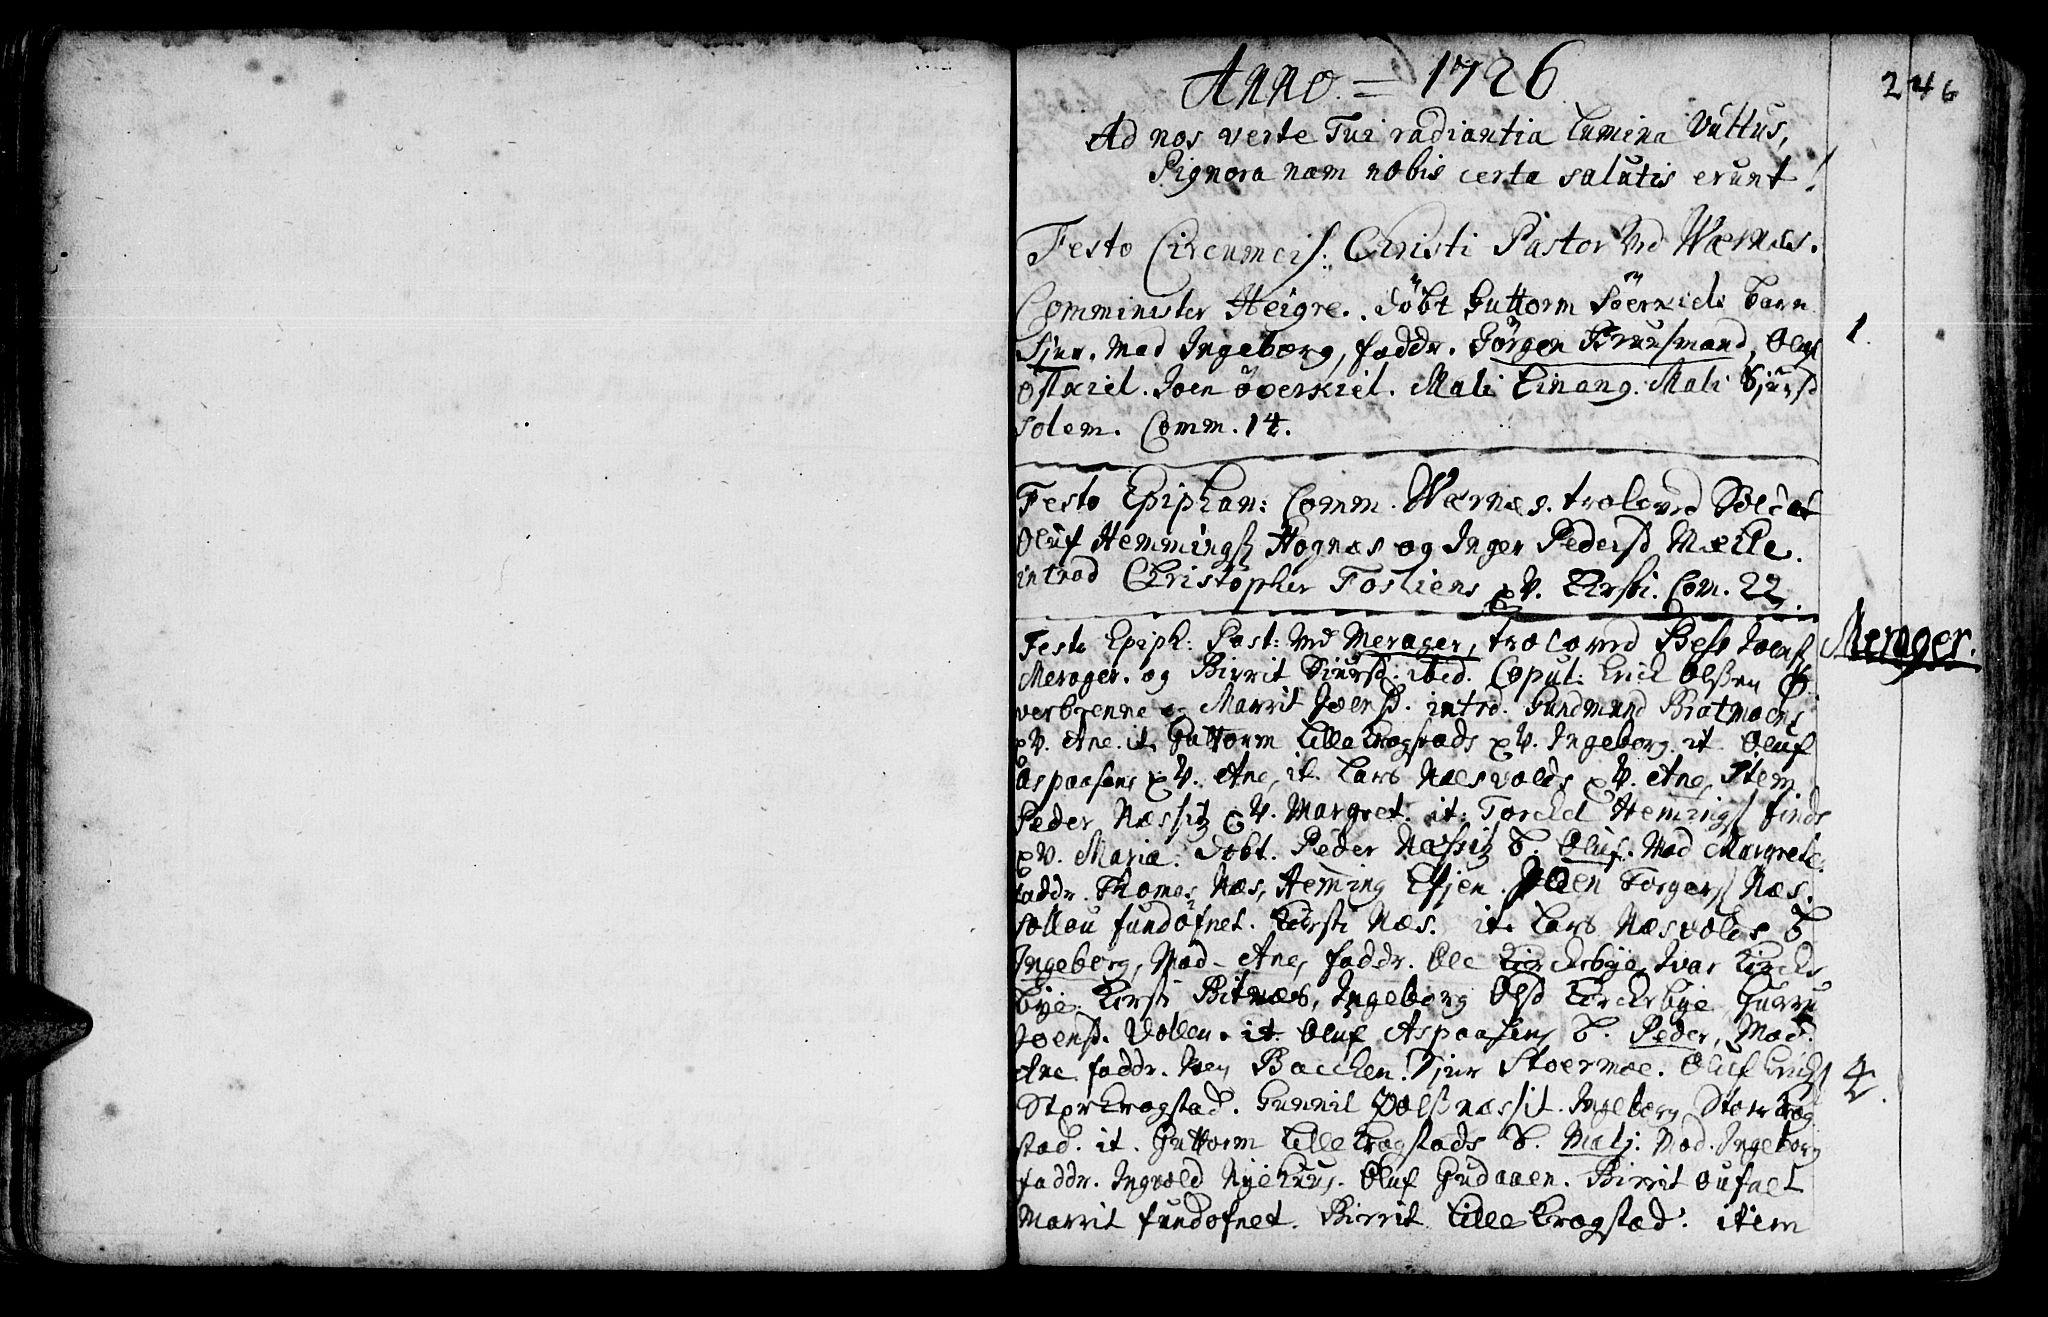 SAT, Ministerialprotokoller, klokkerbøker og fødselsregistre - Nord-Trøndelag, 709/L0054: Ministerialbok nr. 709A02, 1714-1738, s. 245-246